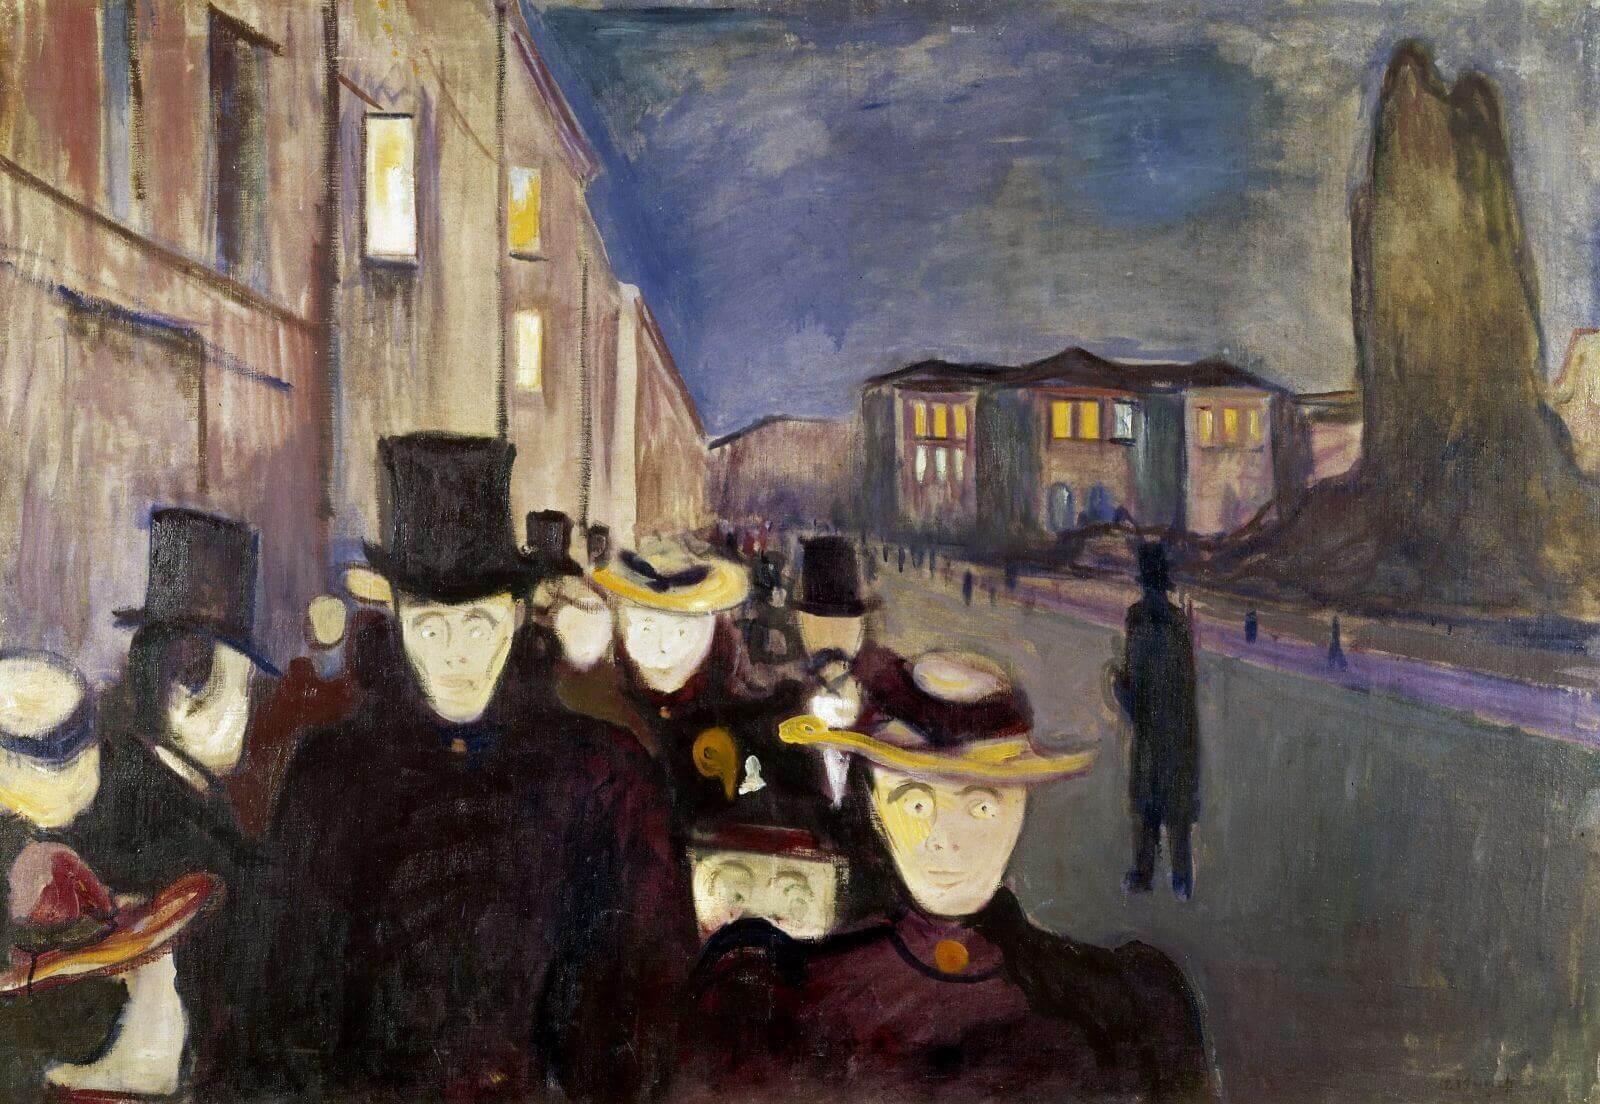 L'eternità per Munch